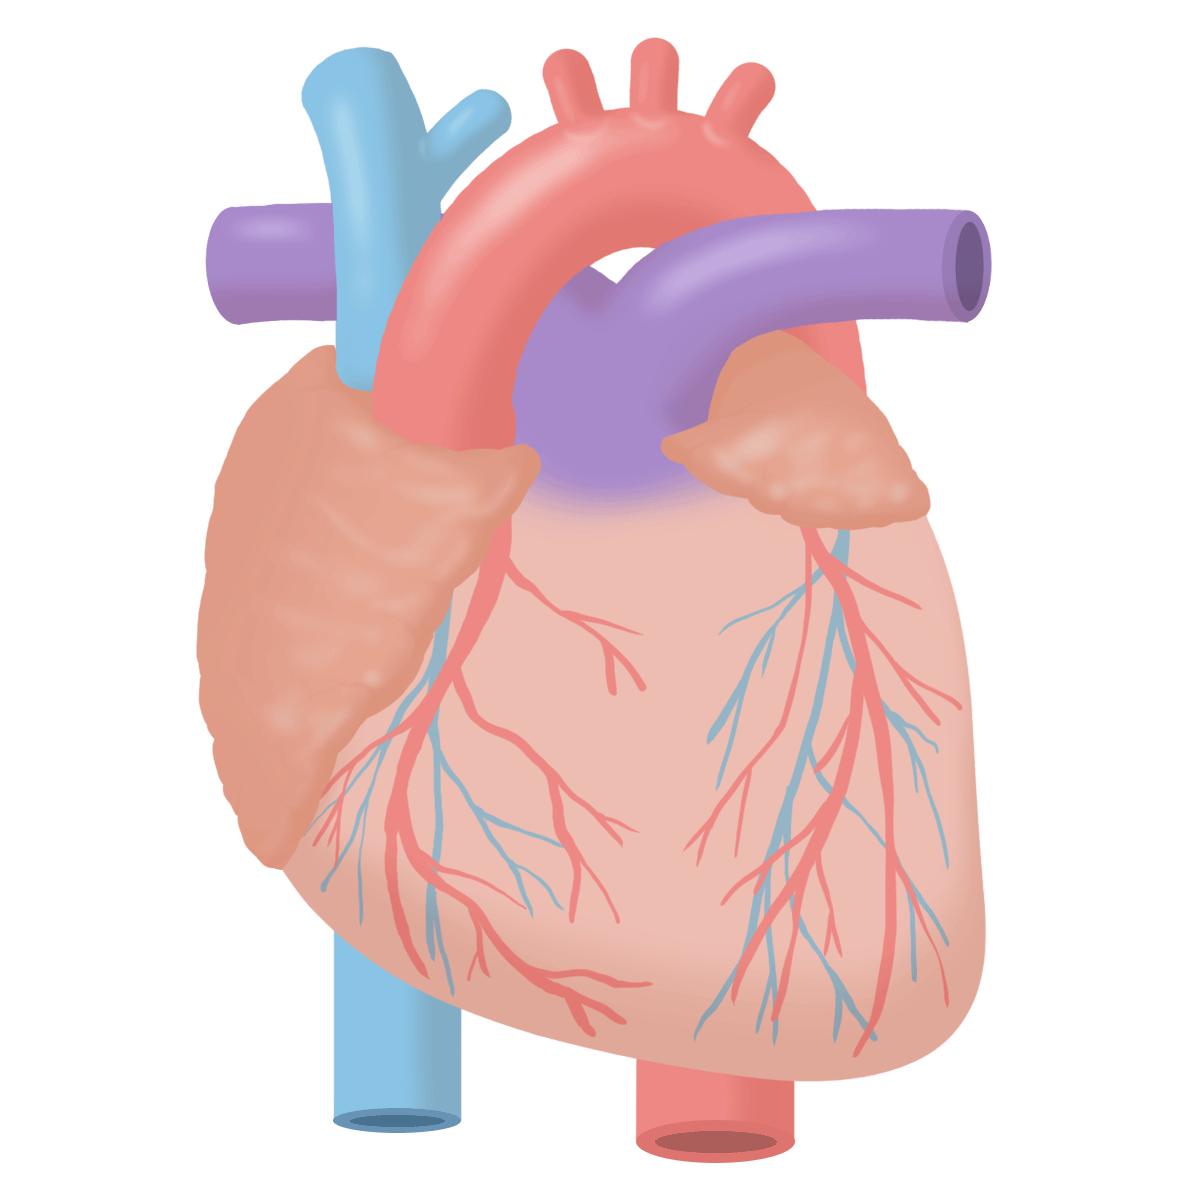 カテーテル 検査 心臓